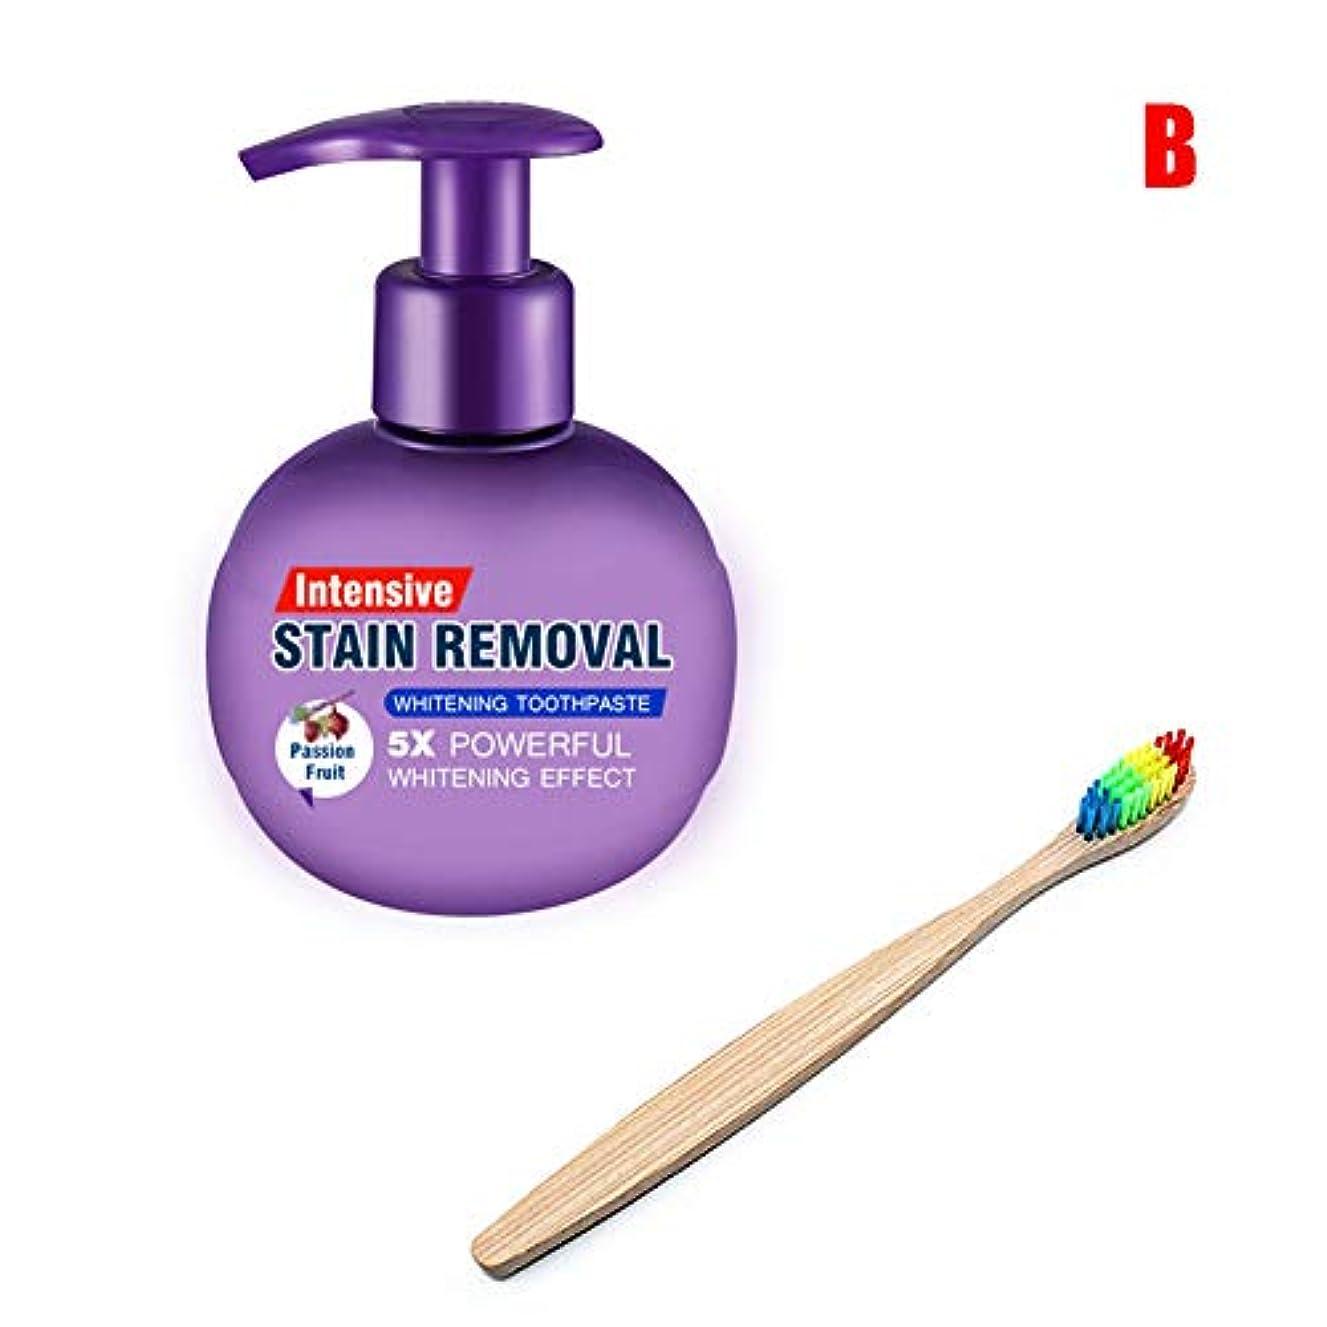 過ちいらいらさせる立場MAYouth ホワイトニング歯磨き粉 歯を磨くための歯ブラシで歯磨き粉アンチブリーディングガムを白くする集中的な汚れ除去剤